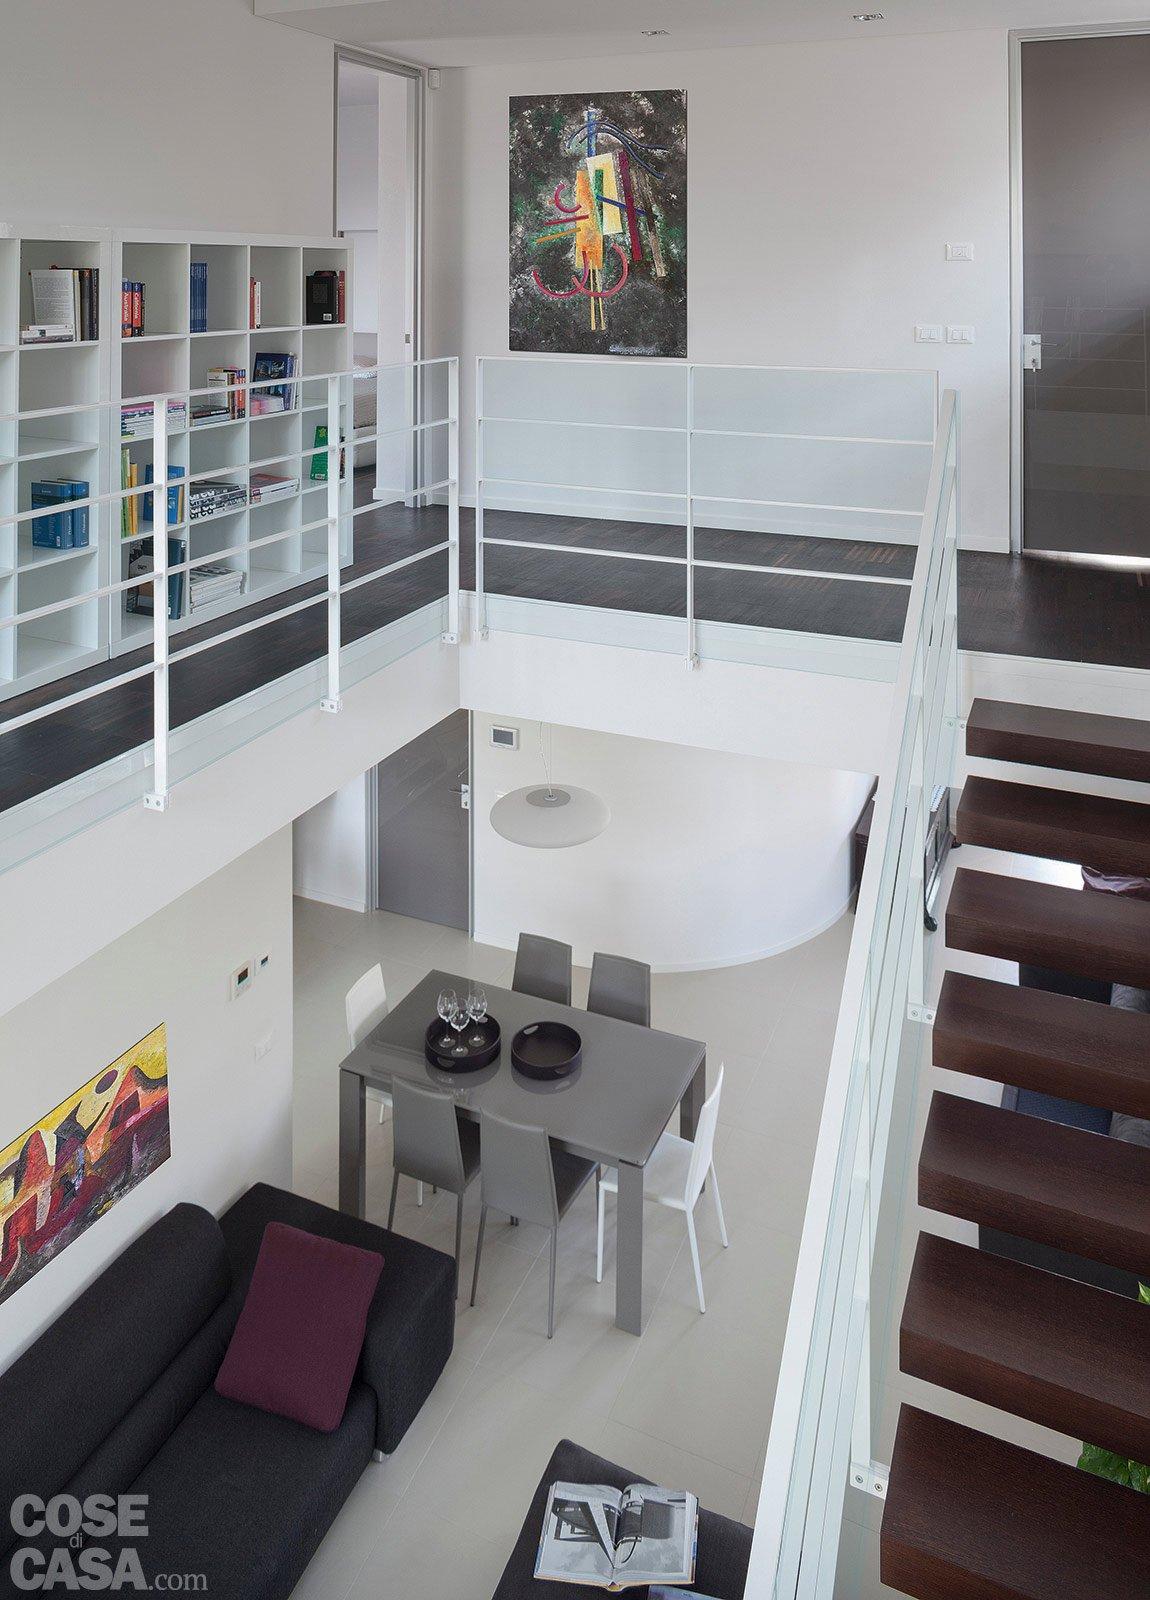 Architetture in piena luce cose di casa for Piani di casa autosufficienti